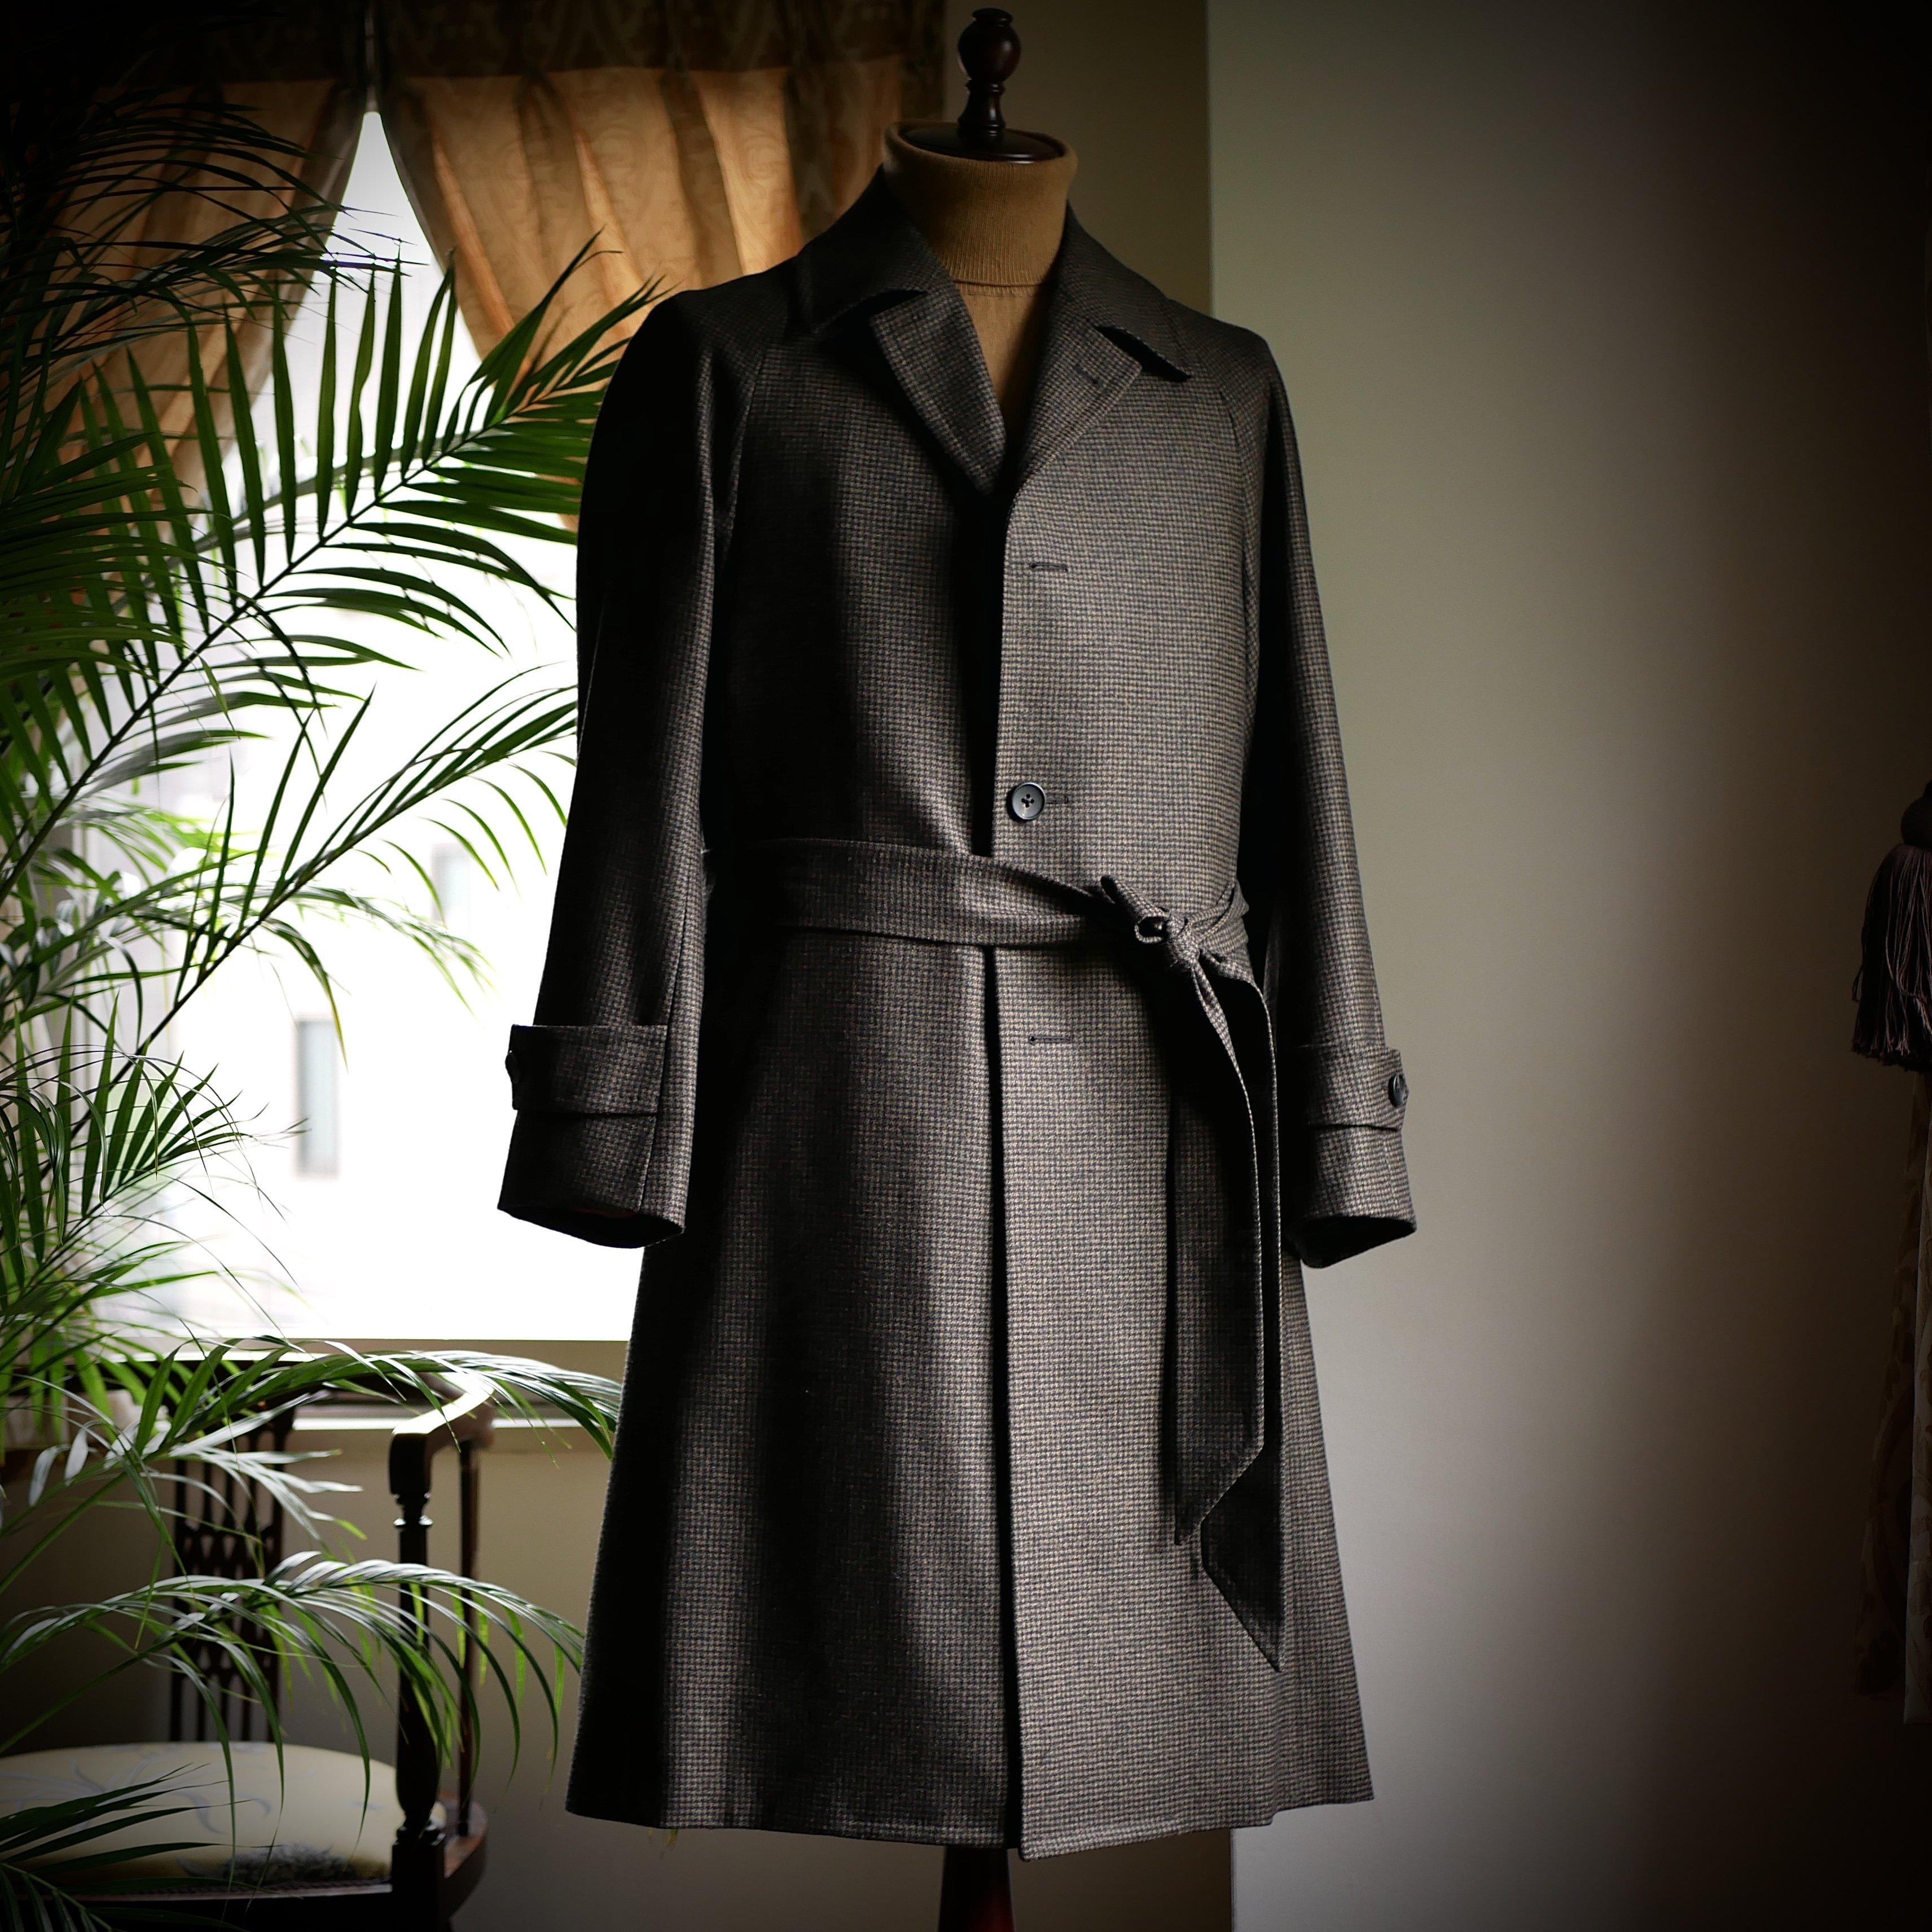 Overcoat_20201006_overcoat_12.jpg